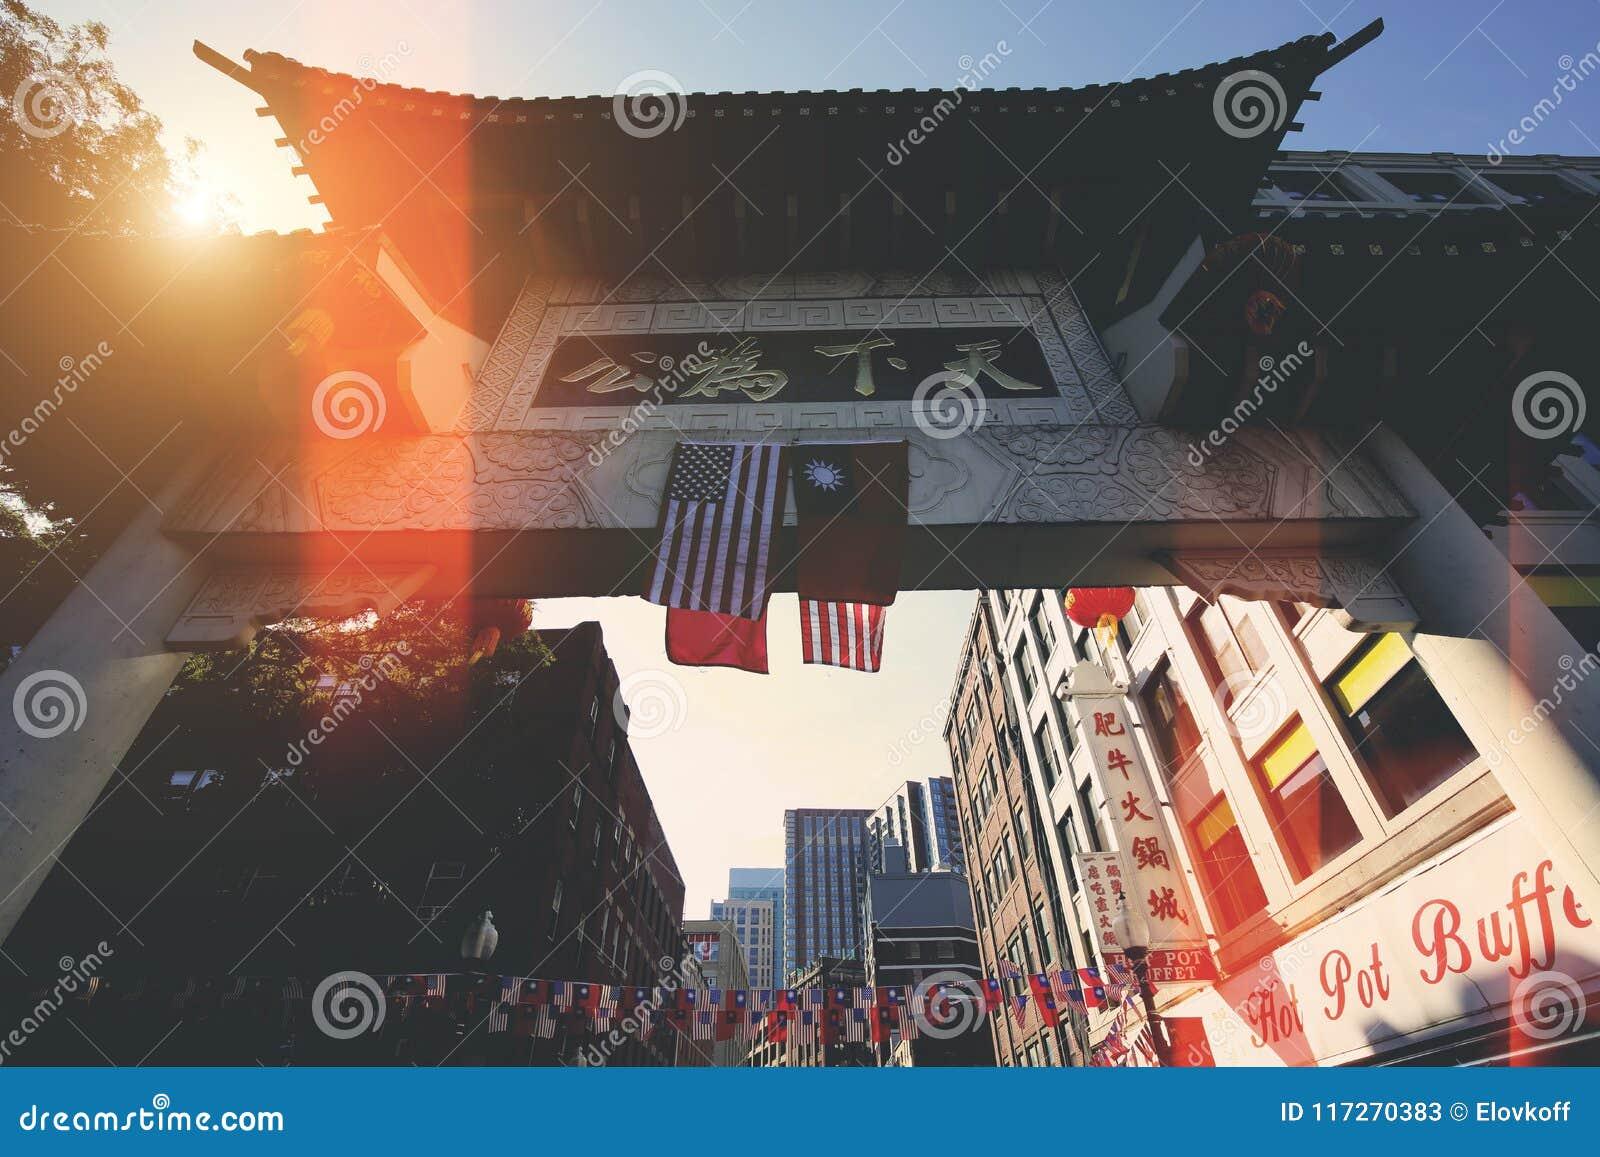 Бостон, улицы Чайна-тауна на ярком солнечном дне